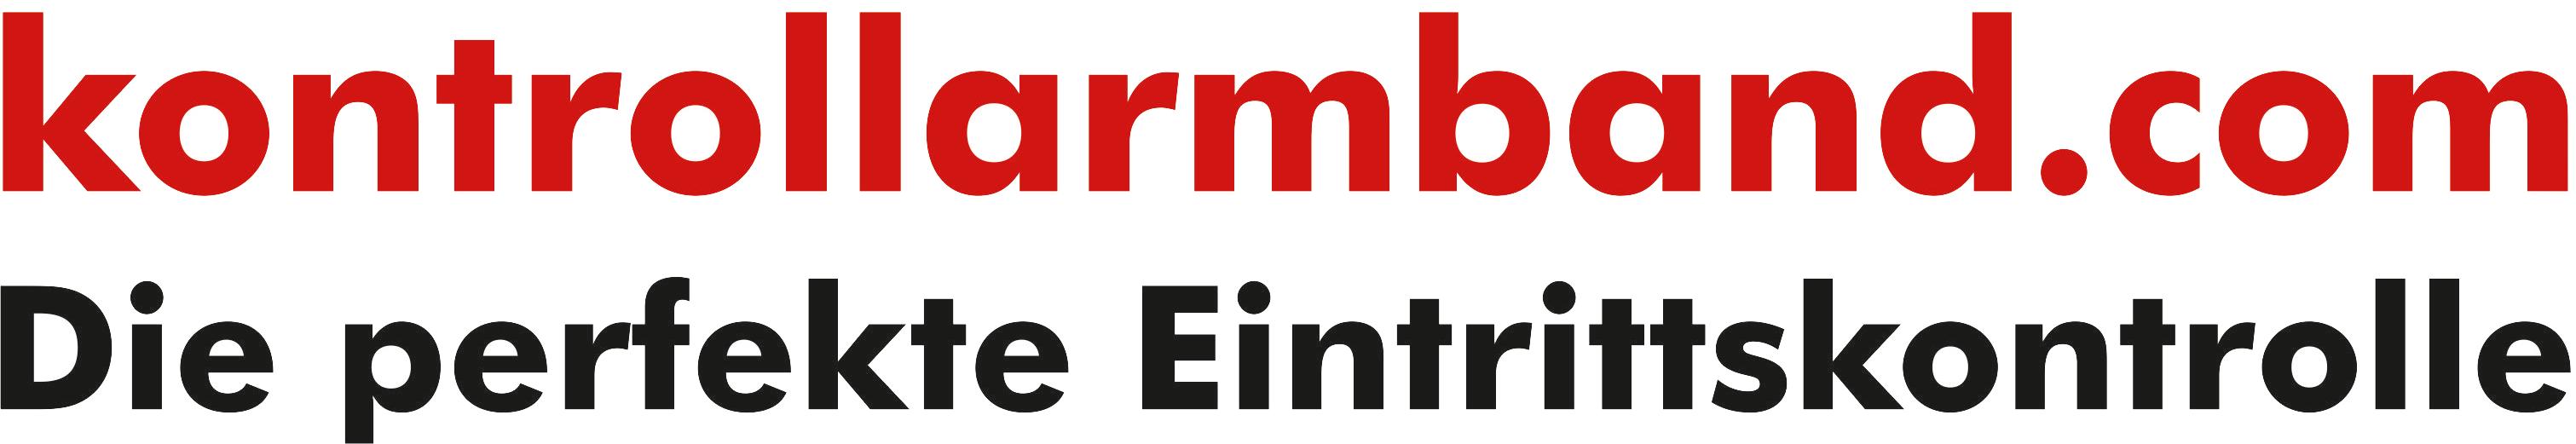 kontrollarmband_logo